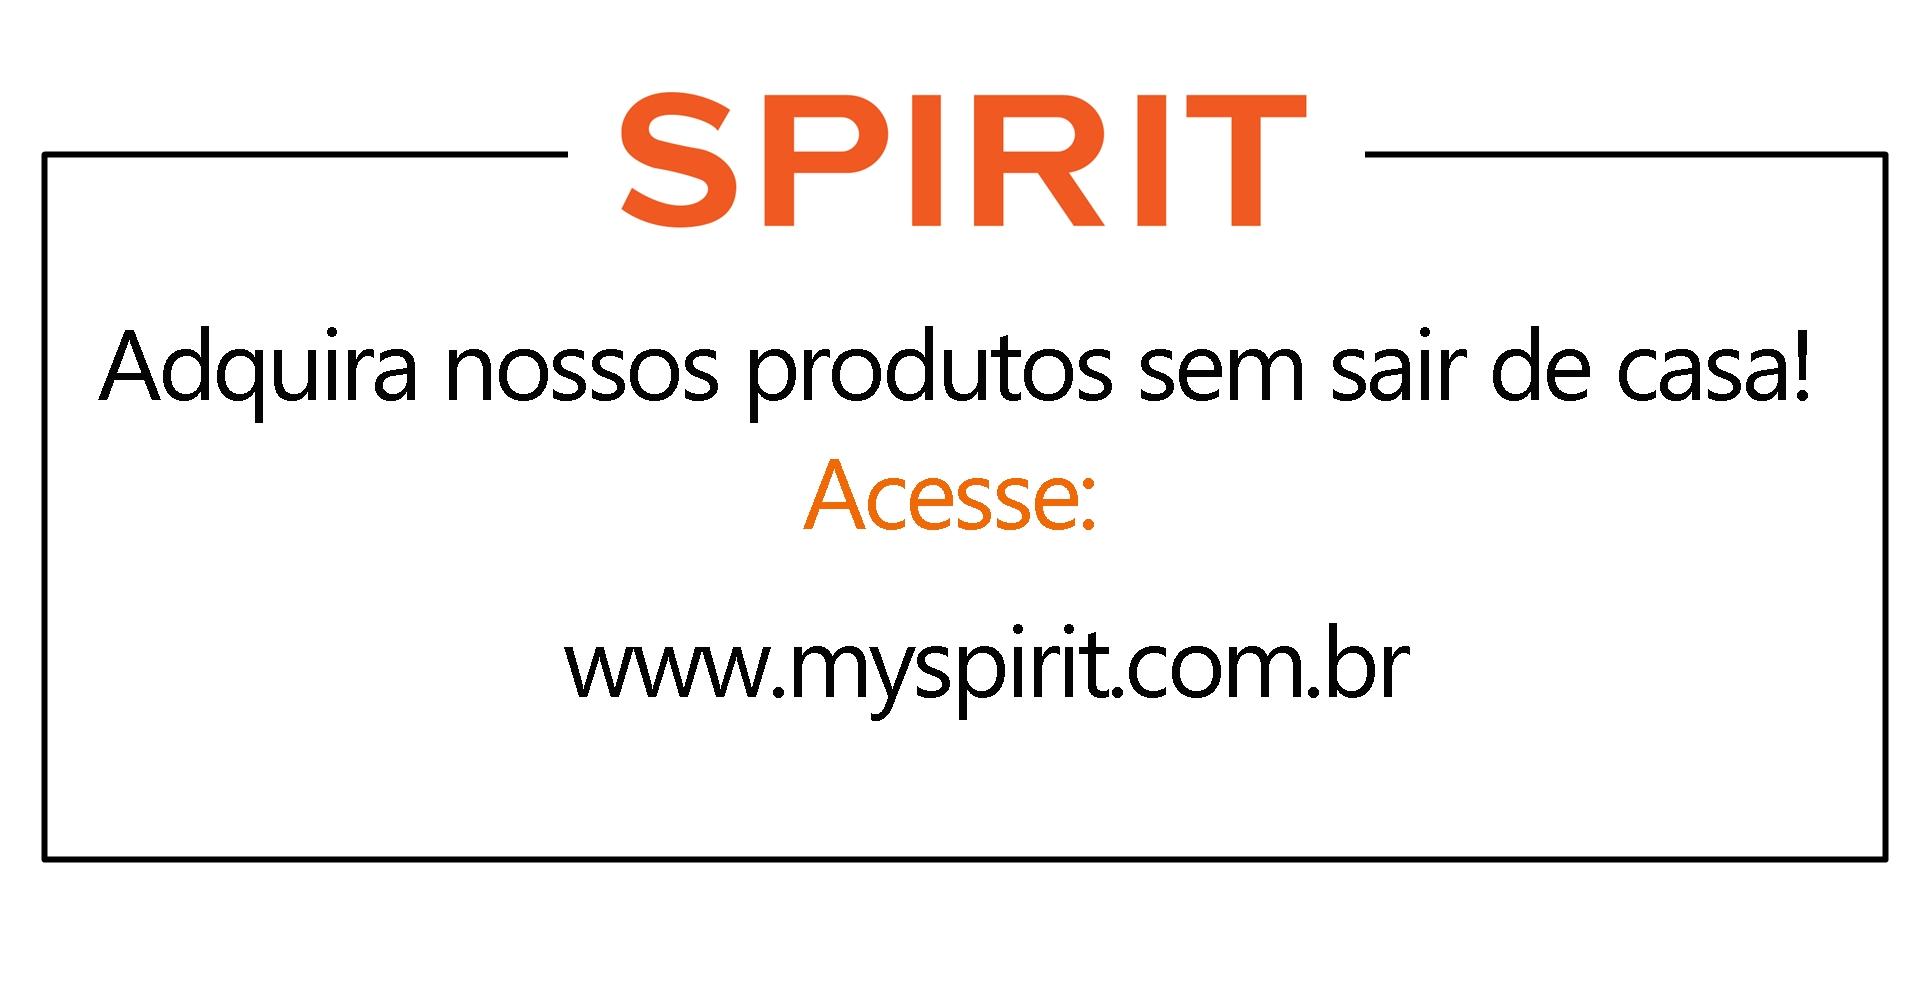 ventilador de teto Spirit - Blog Myspirit - banner site Spirit - decoração de Natal simples e barata